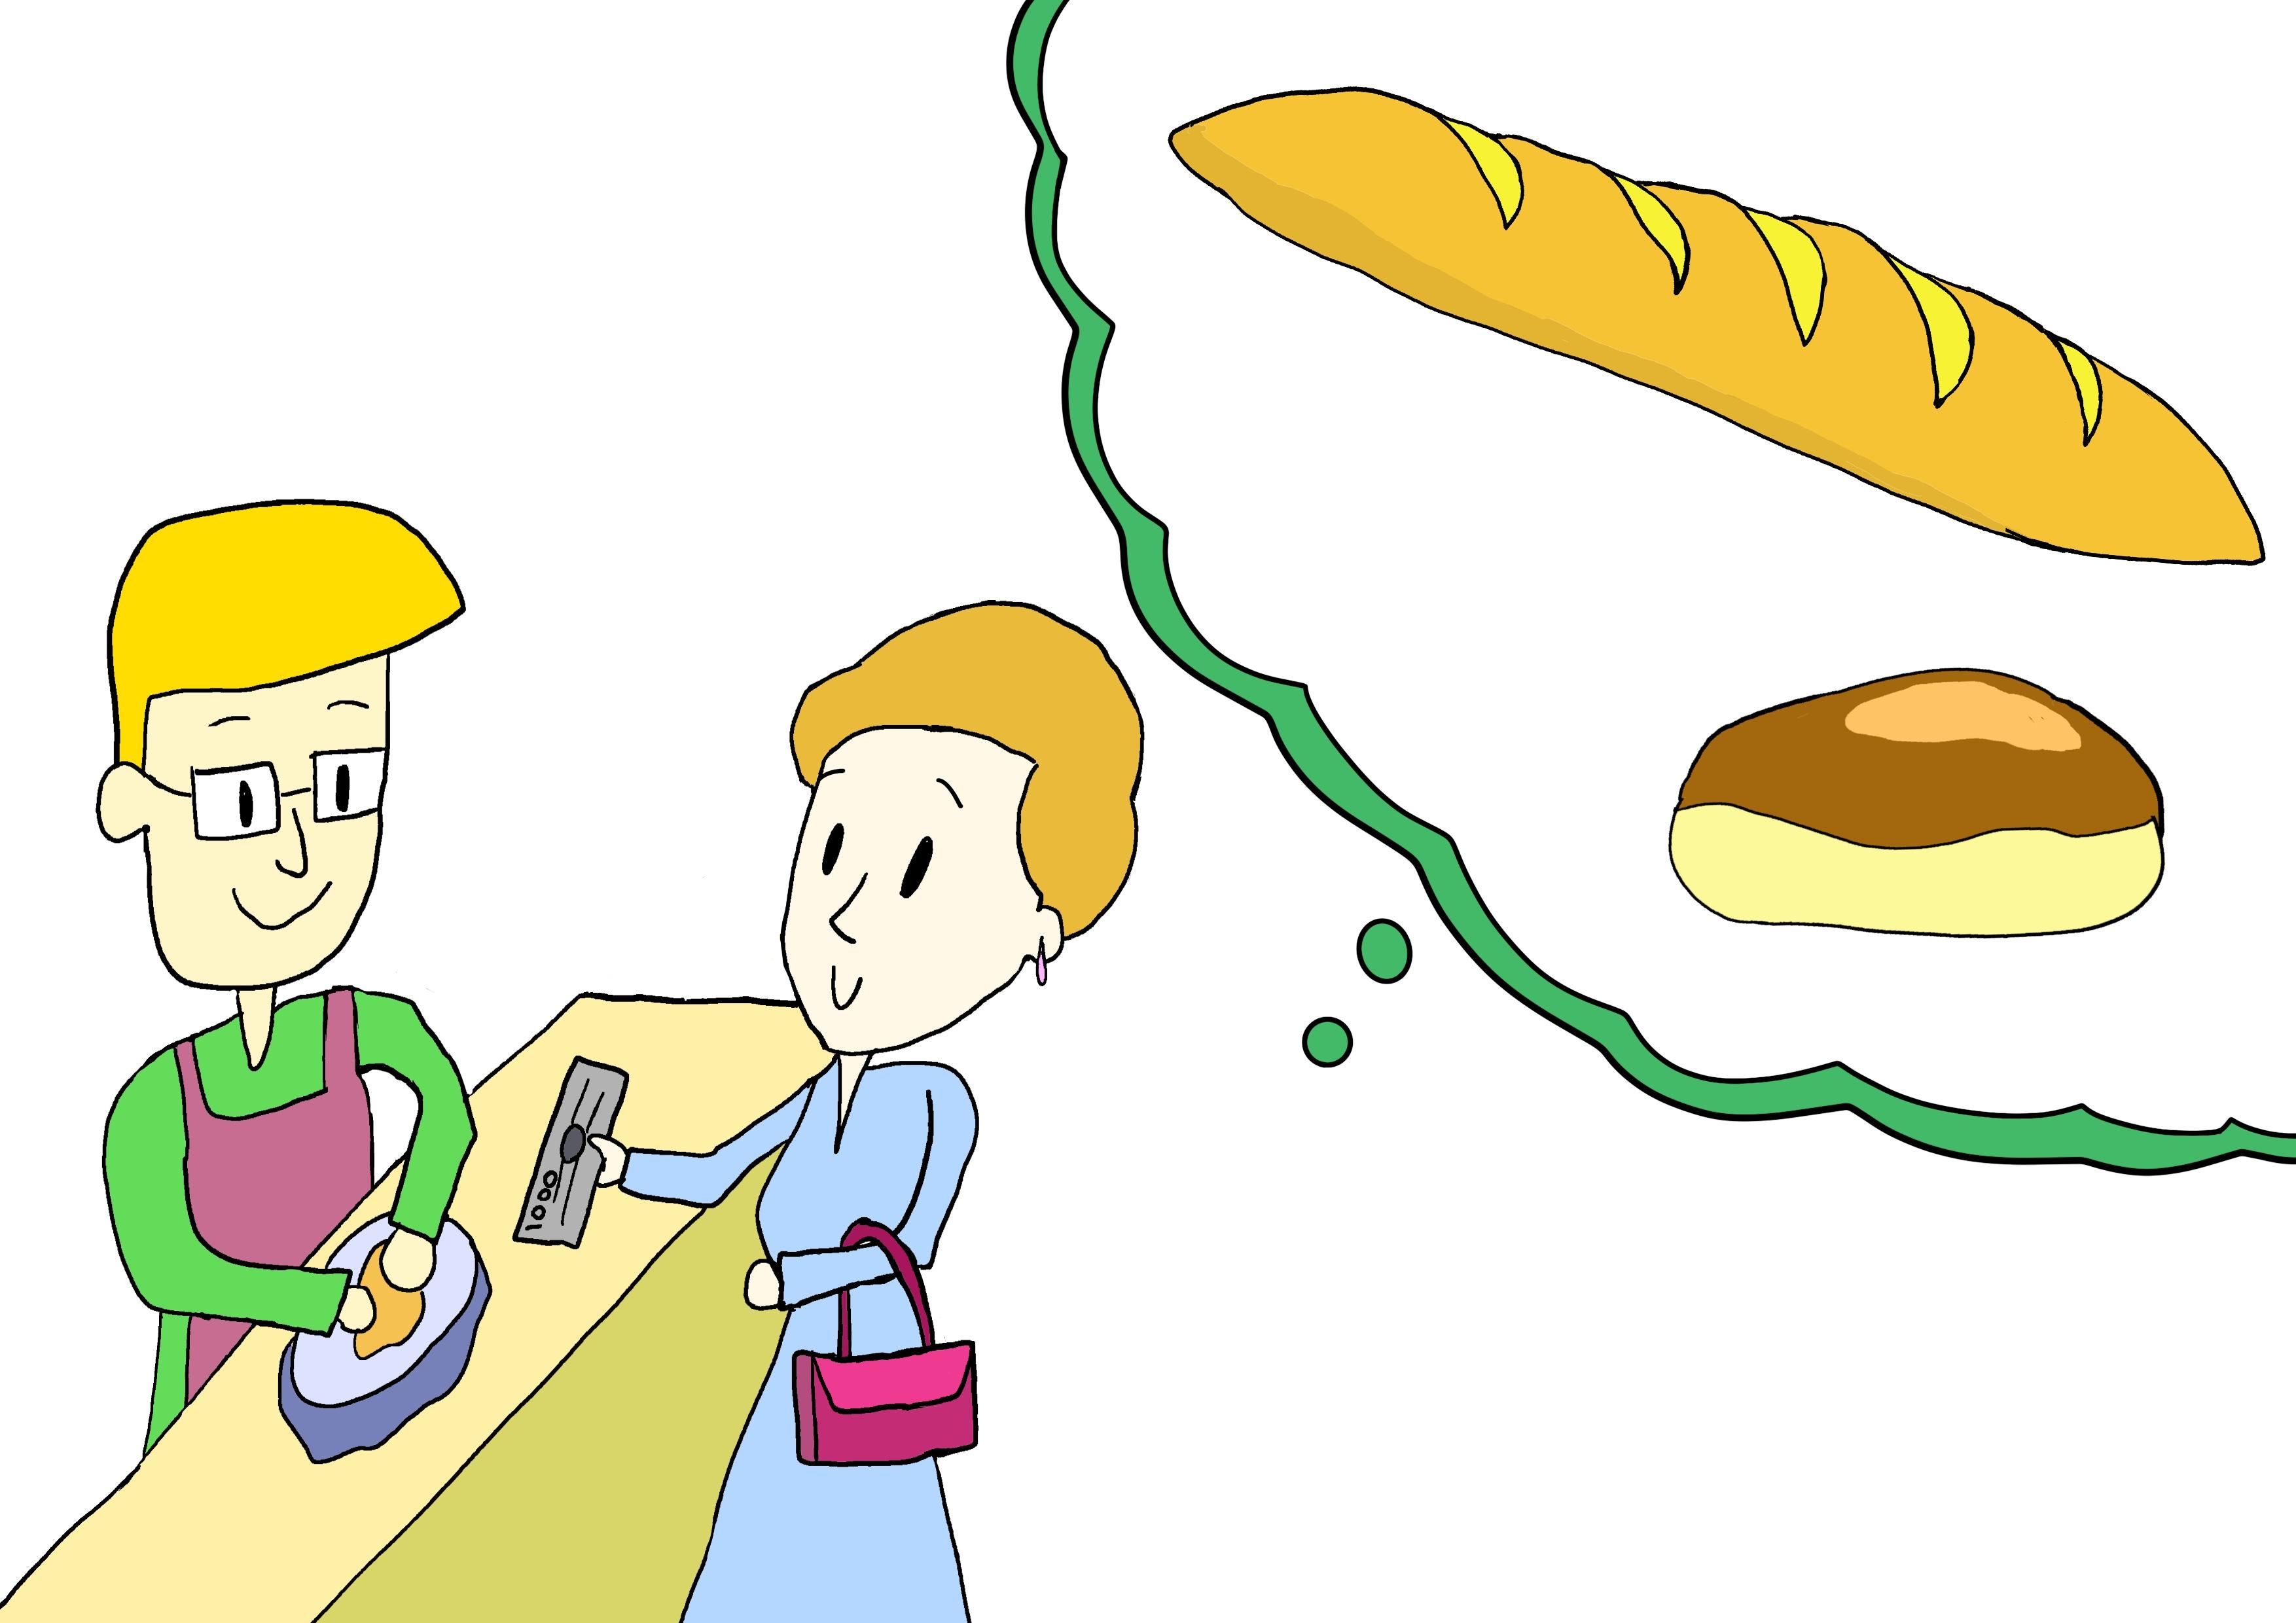 6課イラスト【パンを買う】